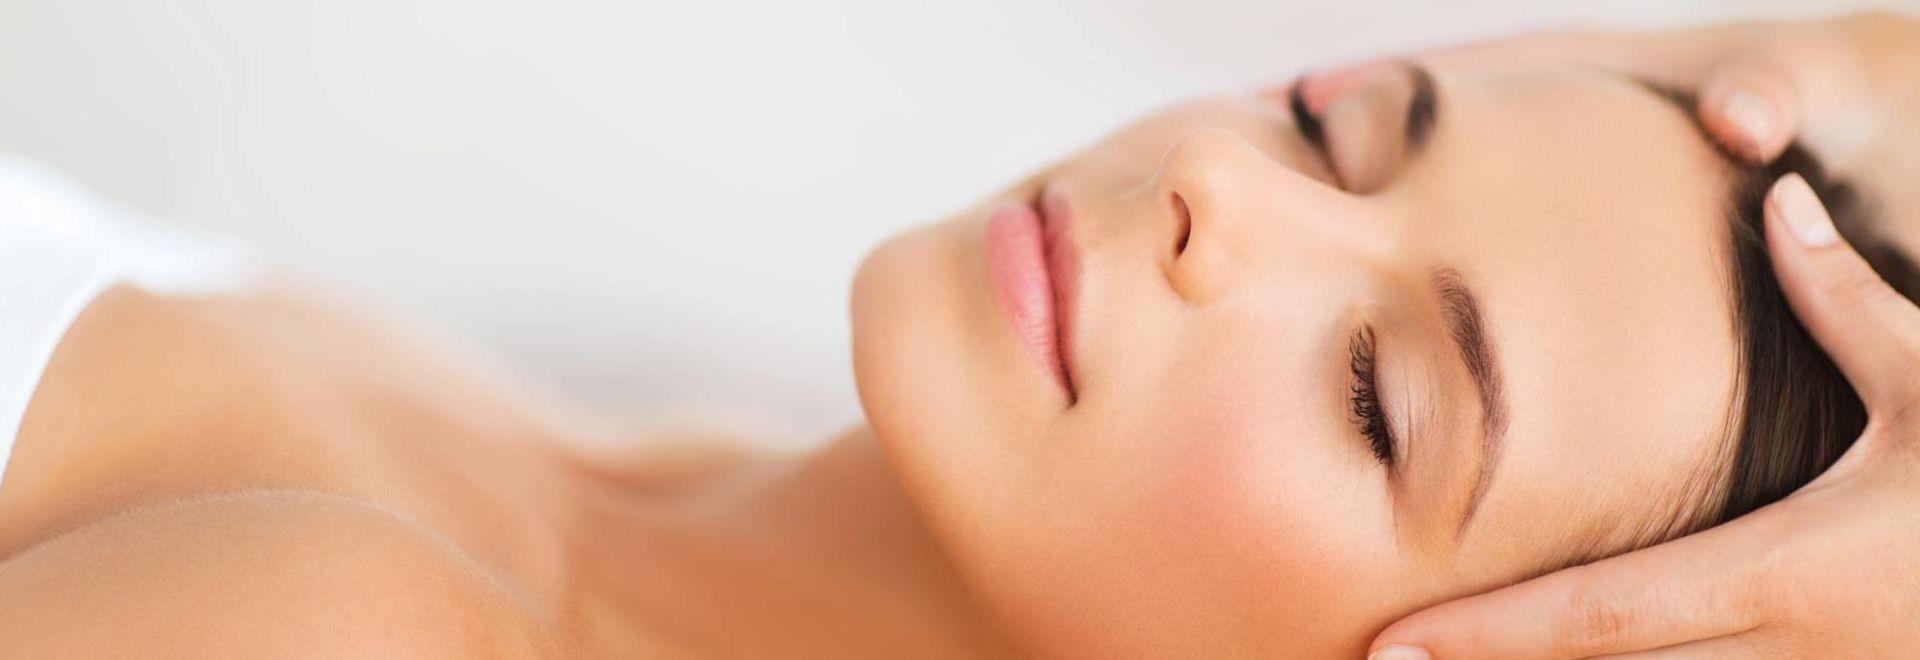 Klient bei der Anwendung einer kosmetischen Lymphdrainage